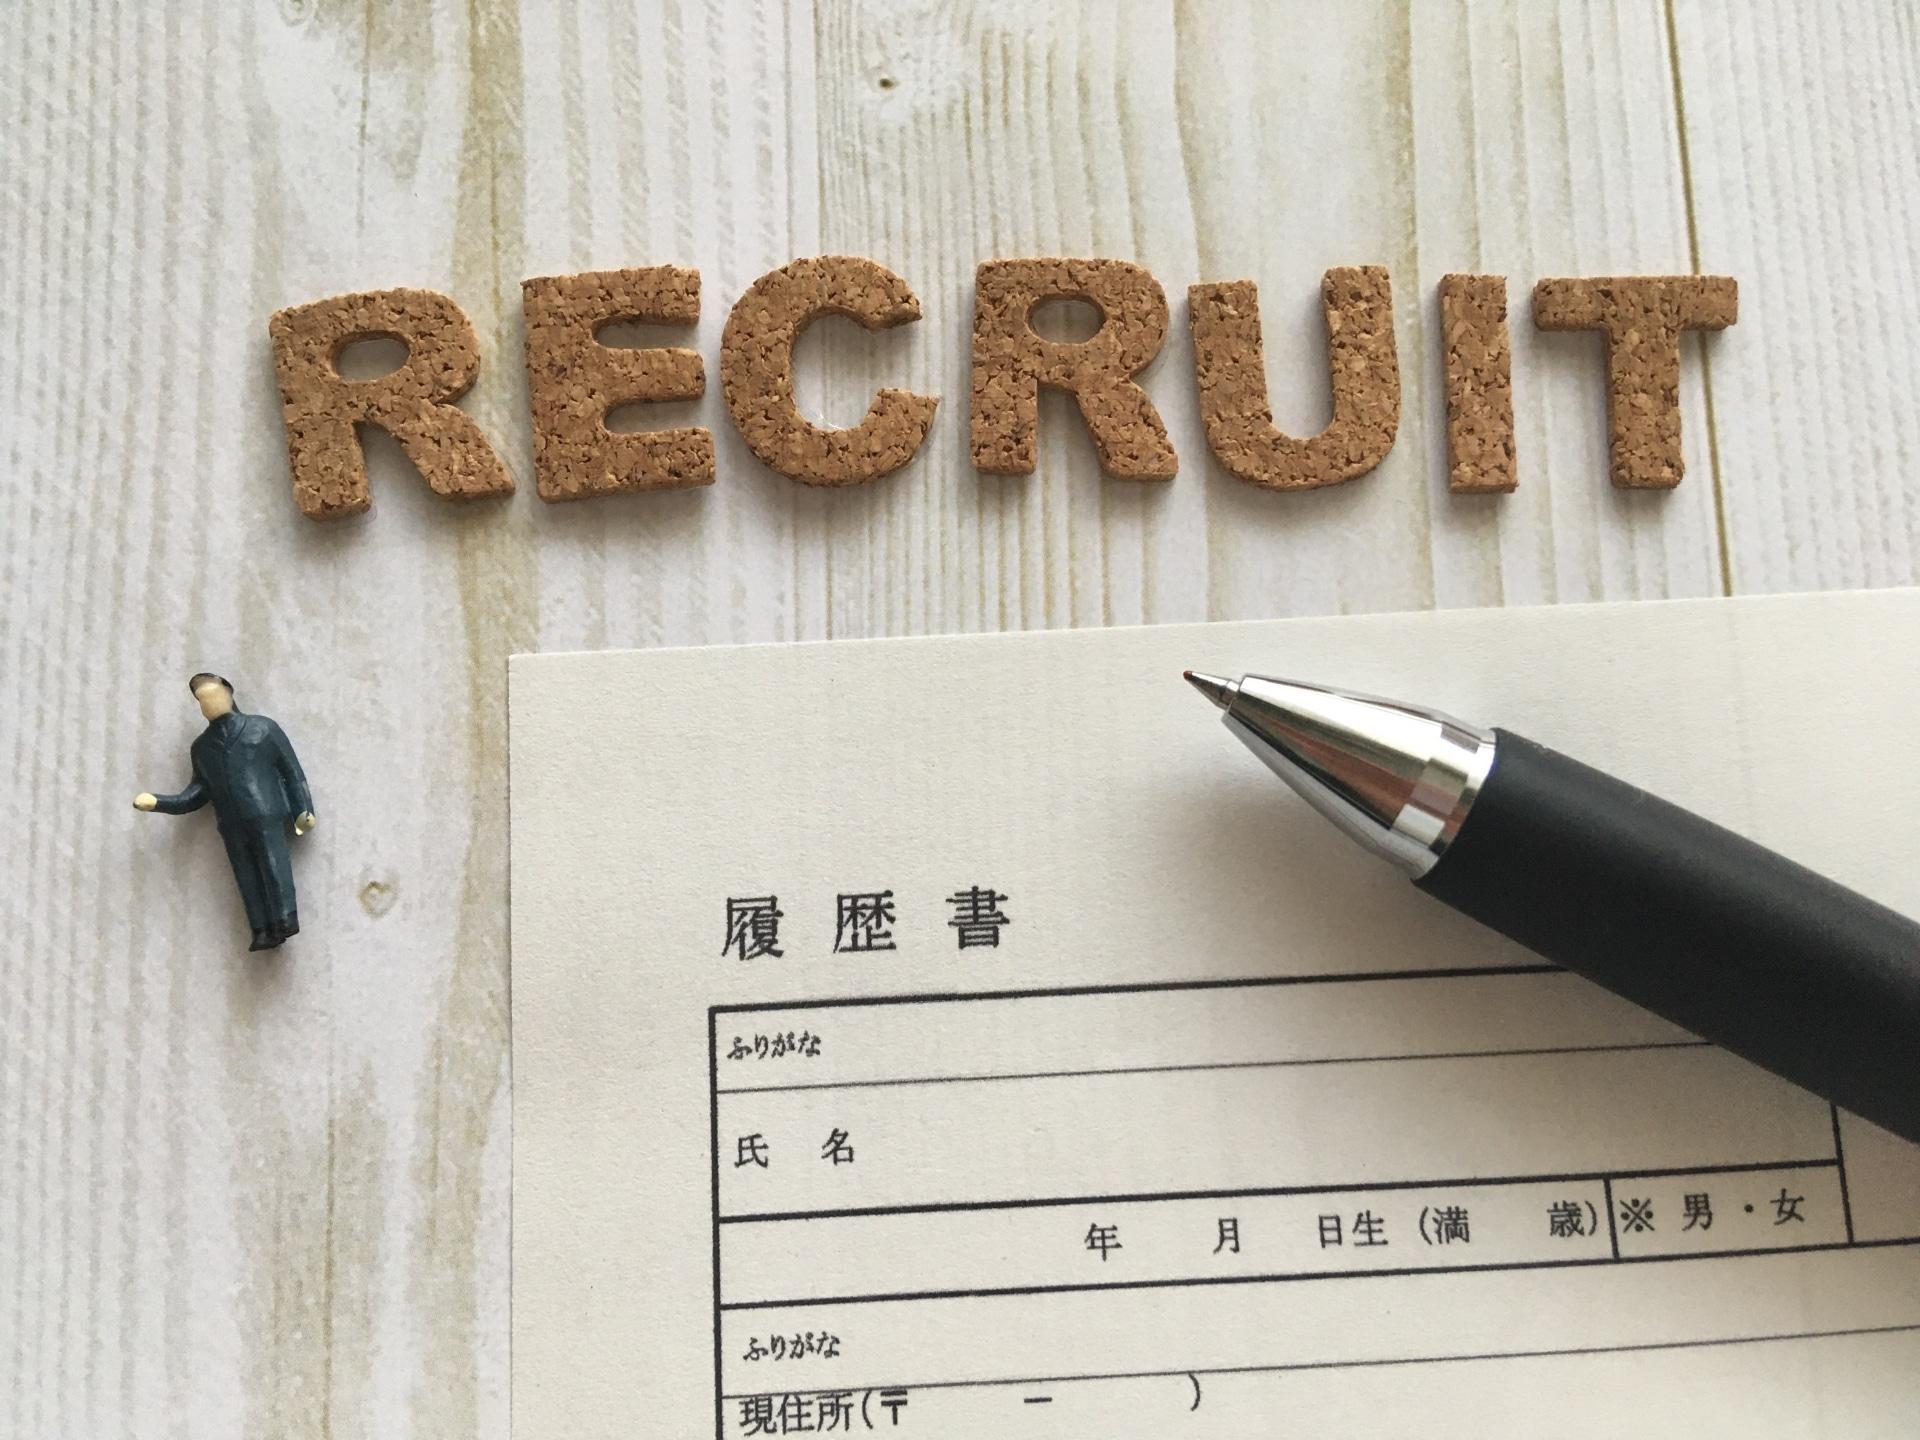 履歴書とリクルートの文字